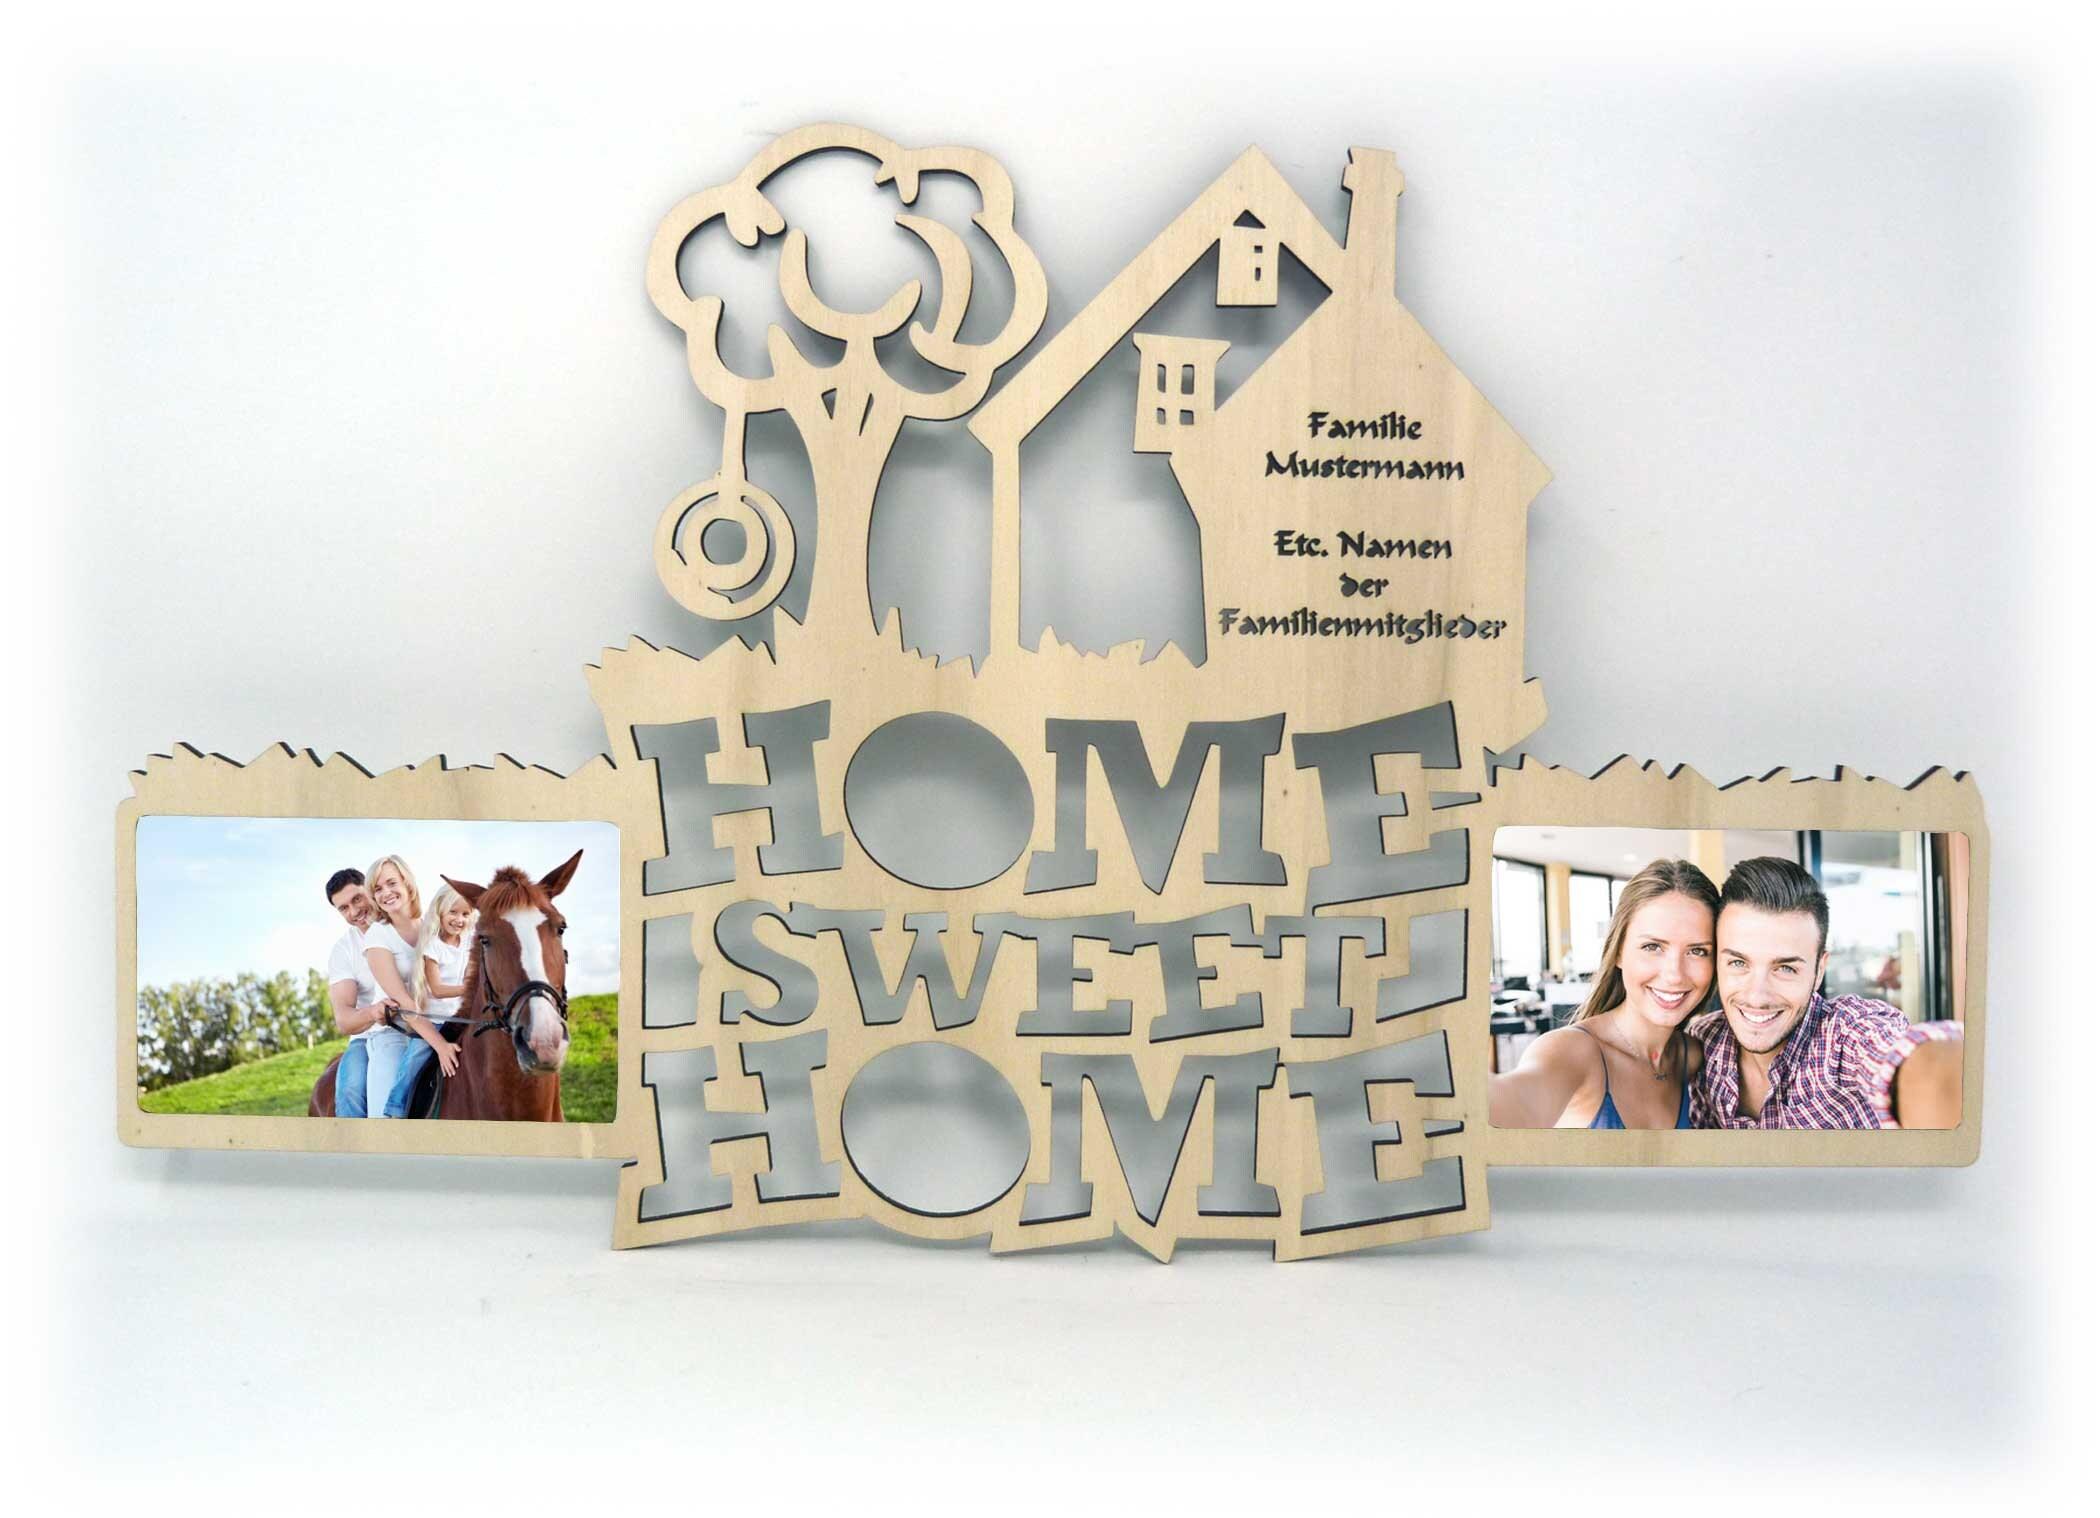 Home Sweet Home Bilderrahmen mit Namen der Familie | Etsy